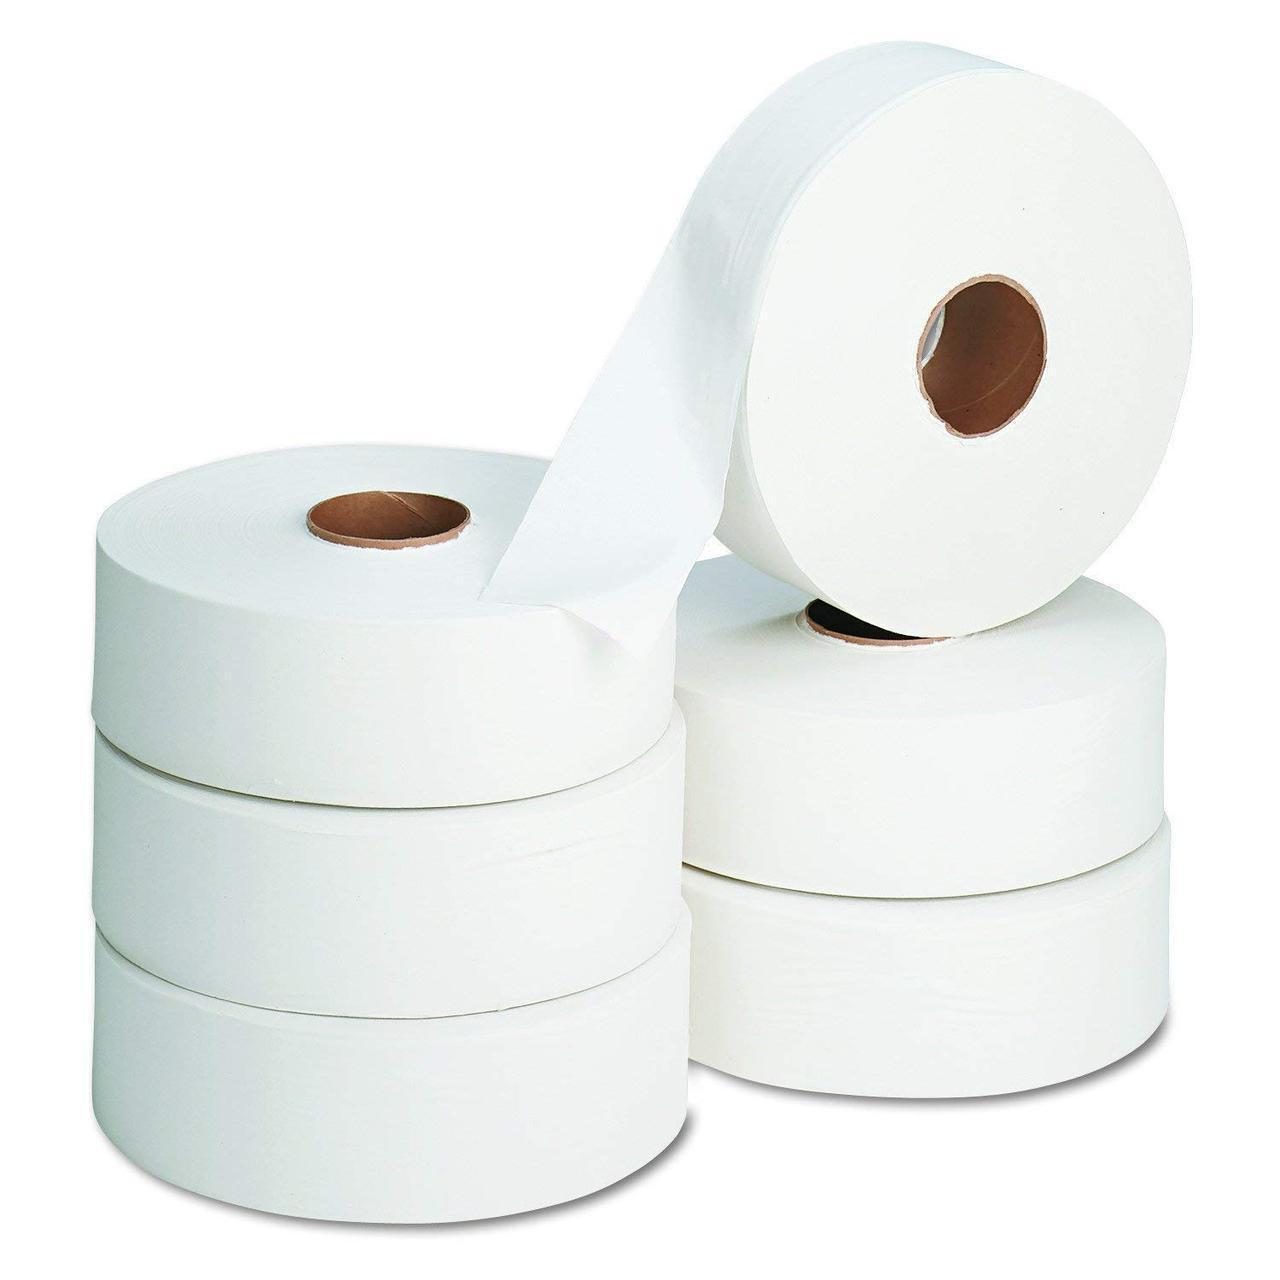 Бумага туалетная Focus Eco Jumbo в рулоне, 525м/рул, 1-сл, белая, 6рул/уп, 5050777